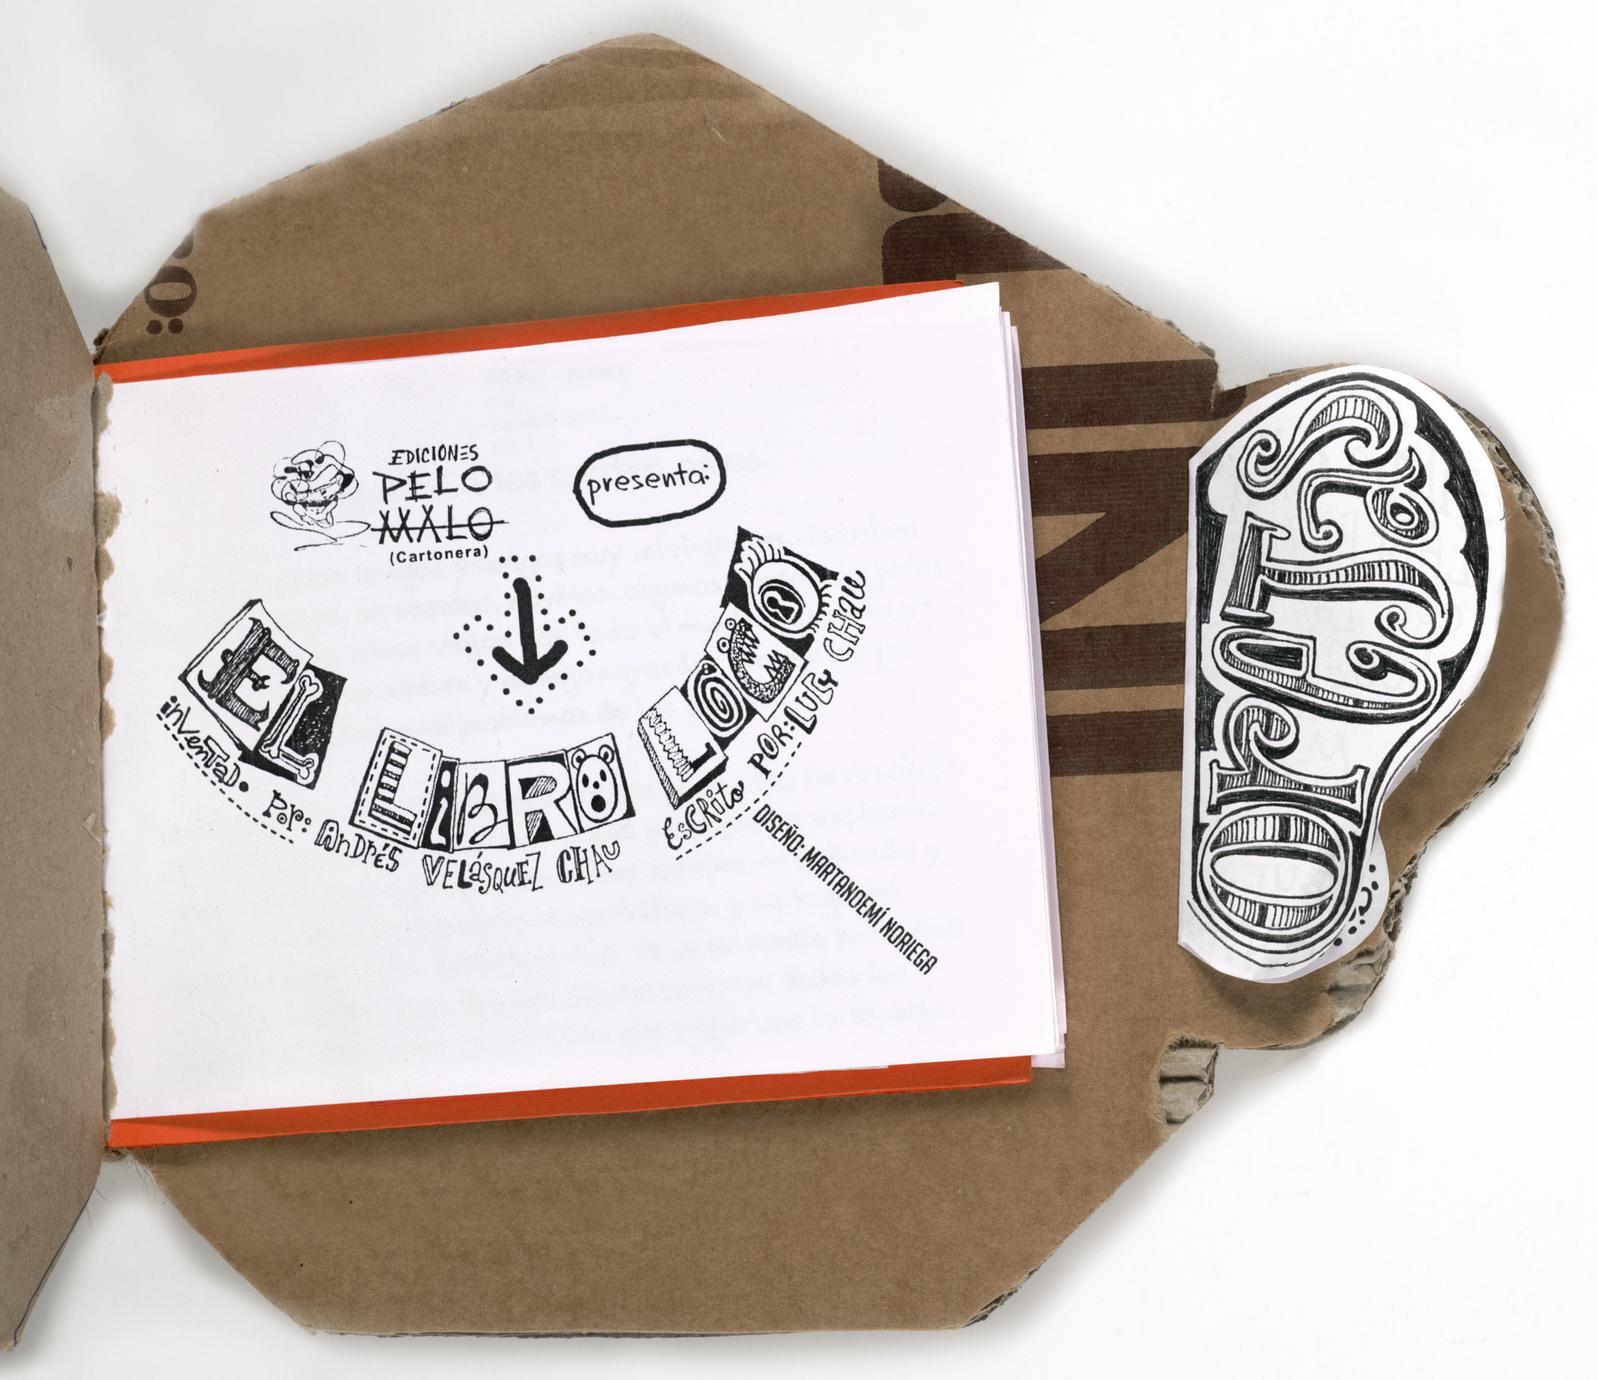 El libro loco (3 of 3)